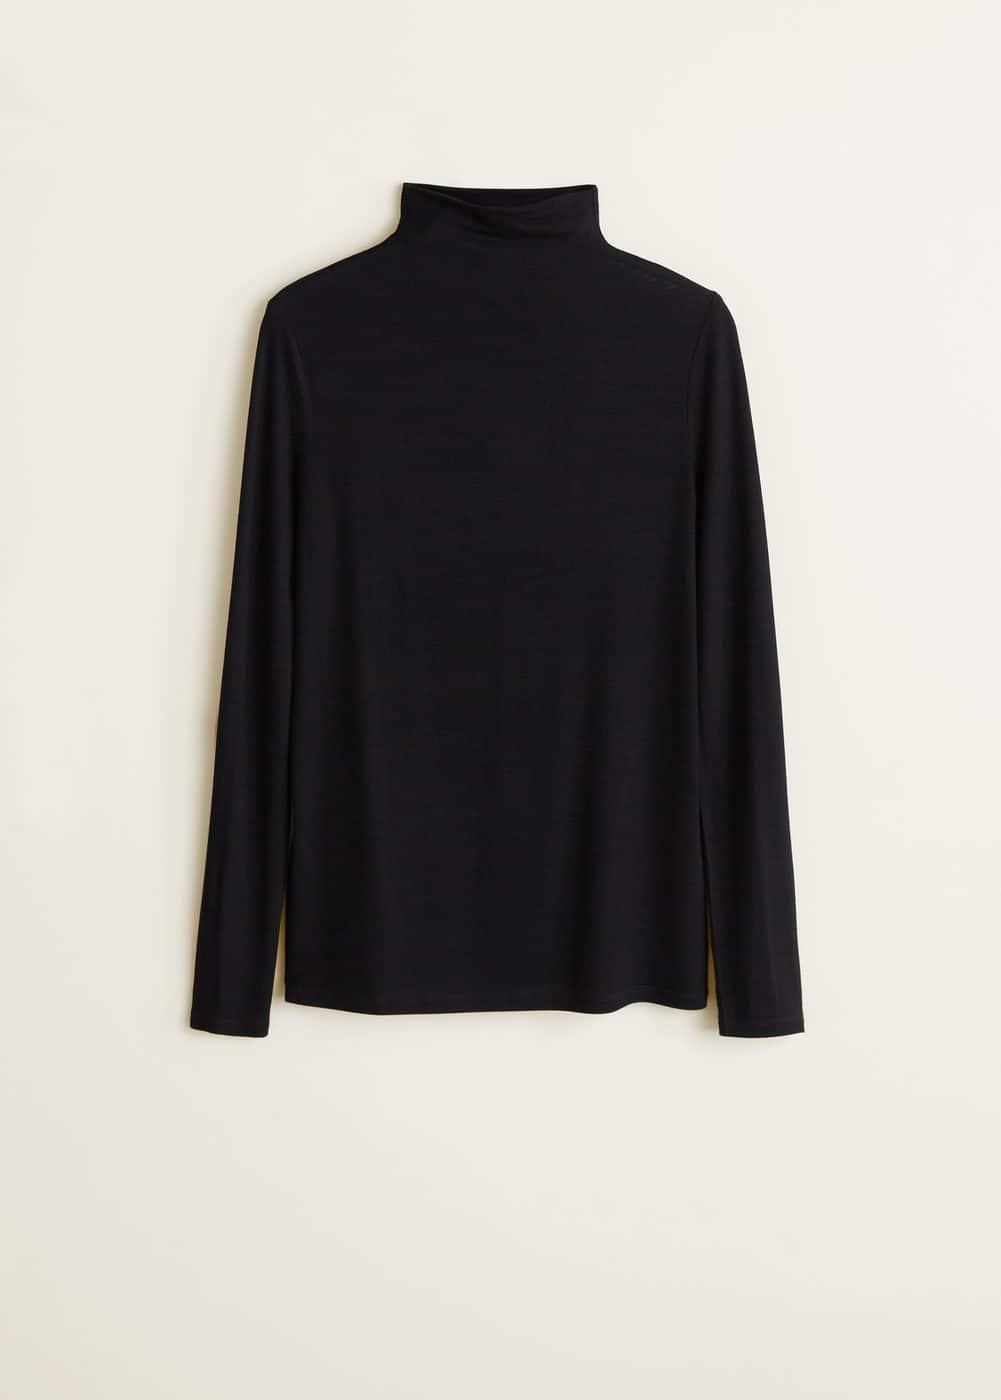 917404387 Flecked t-shirt - Woman | Mango Malaysia